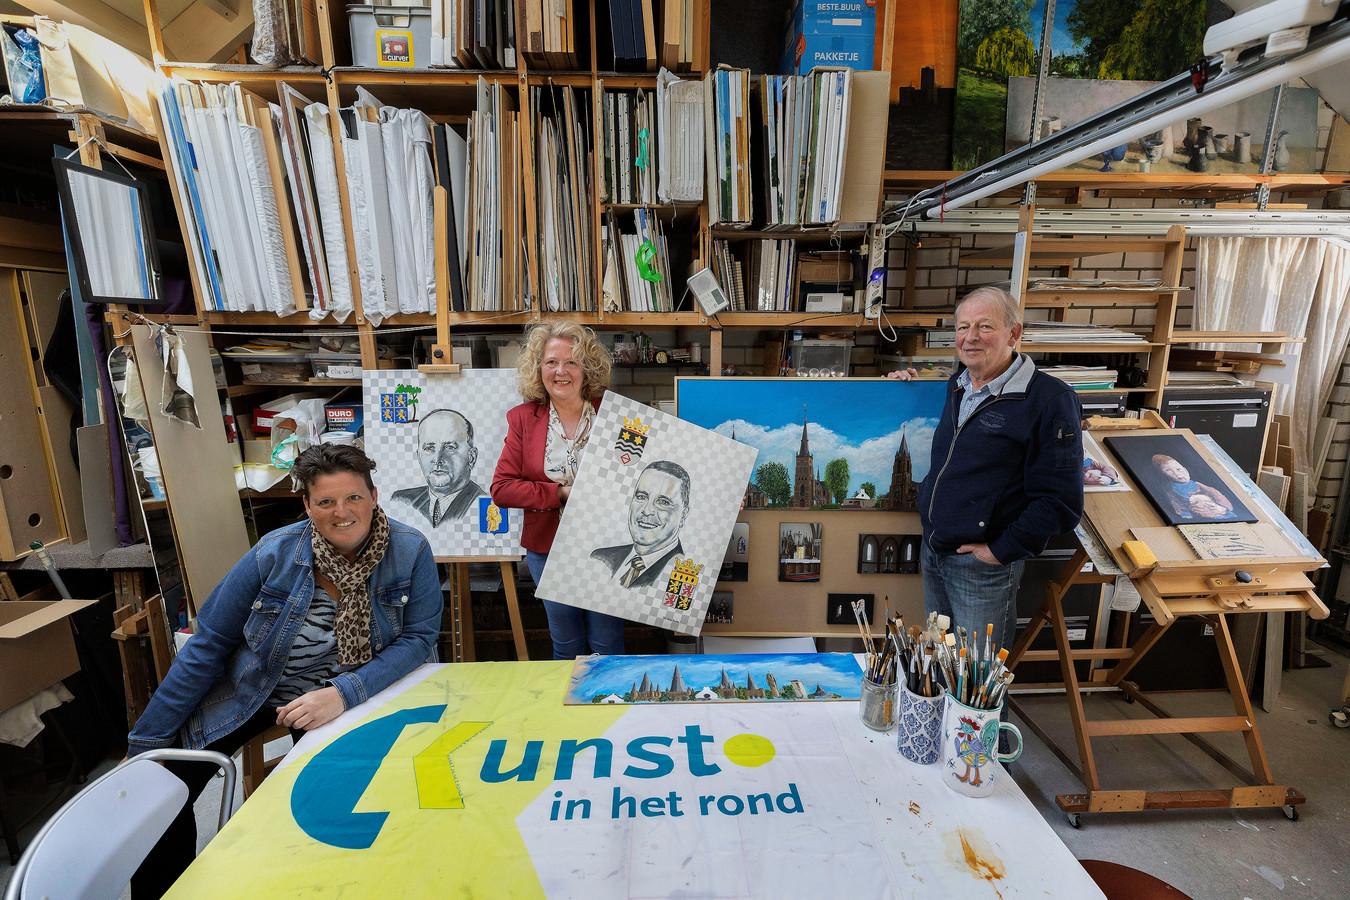 Bestuursleden van Kunst in het Rond, vlnr Ingrid van Dooren, Marie-Louise Vooijs en Clemens Stolwijk.